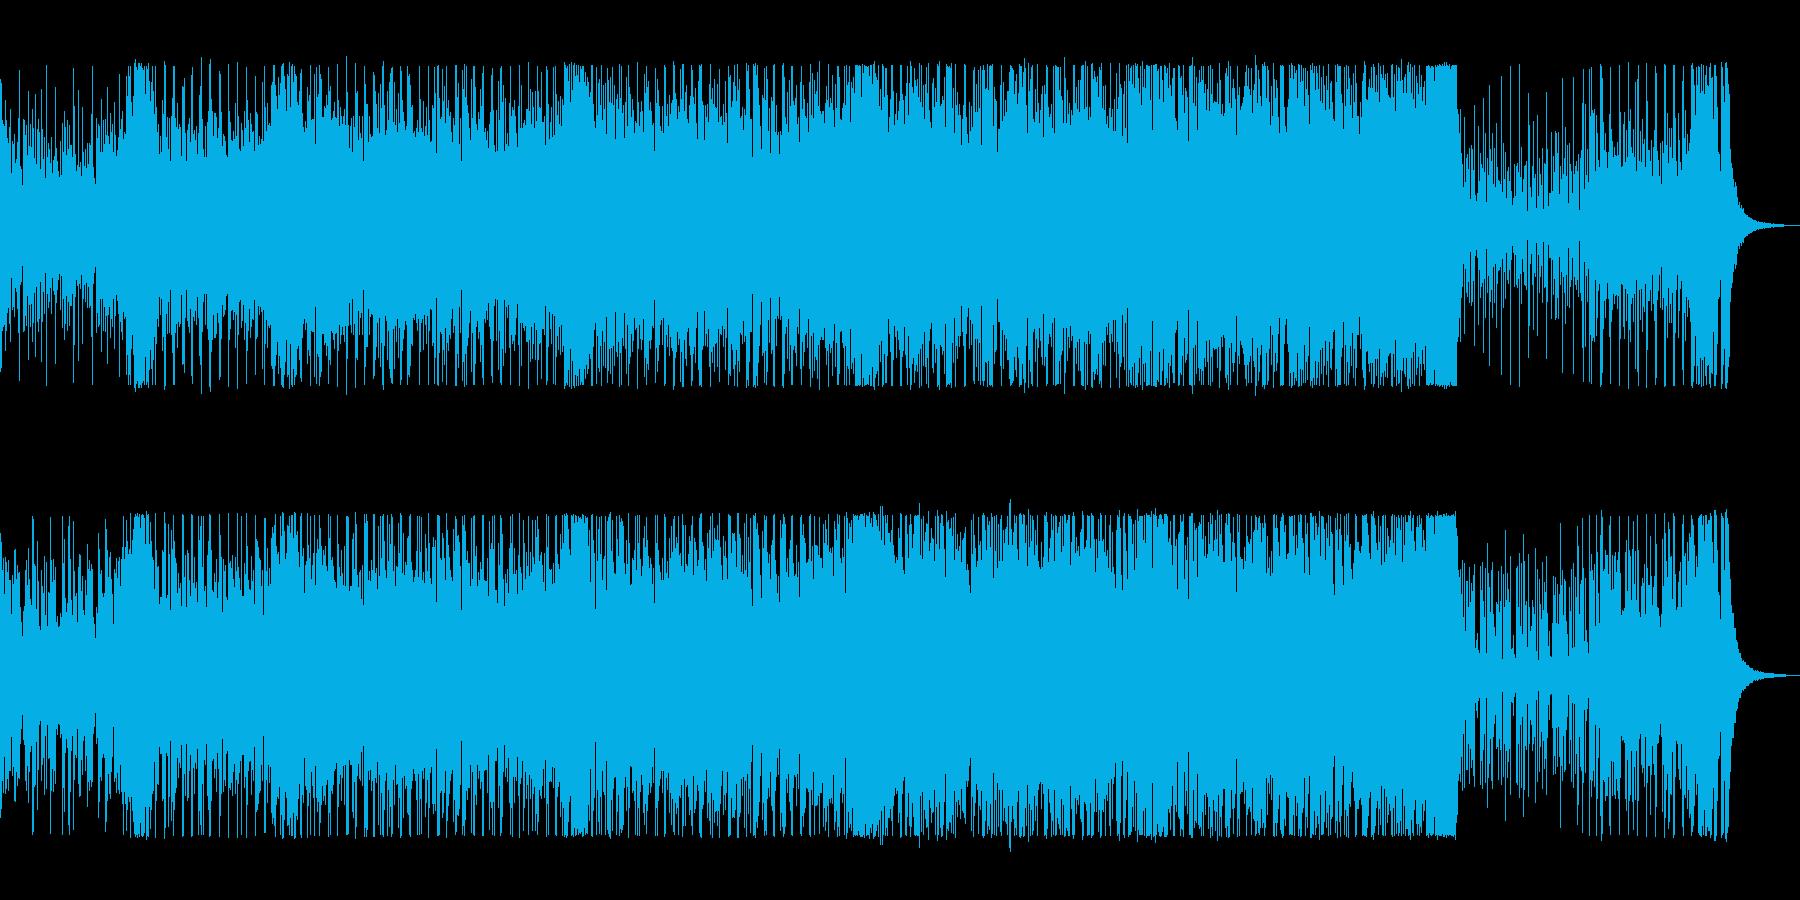 明るく爽やかなポップサウンドの再生済みの波形